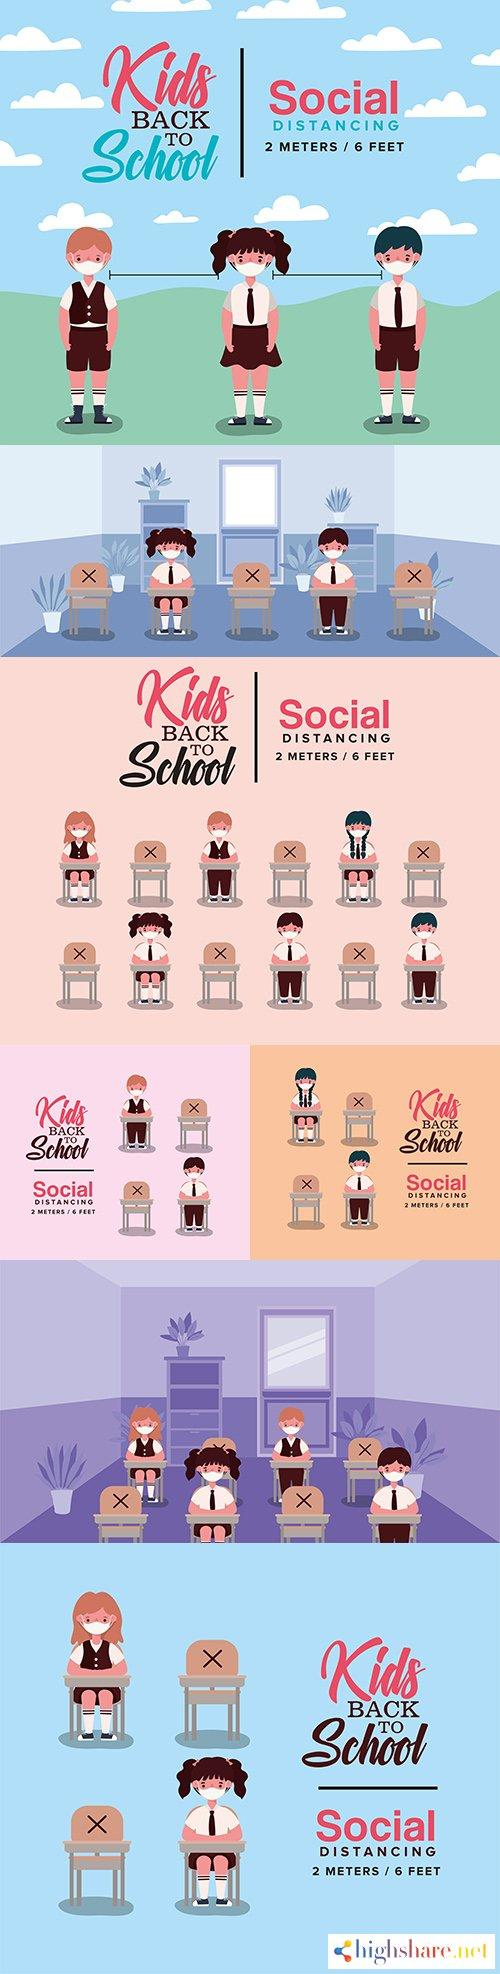 school children at desks with medical masks and 2 meters distance 5f40003f1a208 - School children at desks with medical masks and 2 meters distance